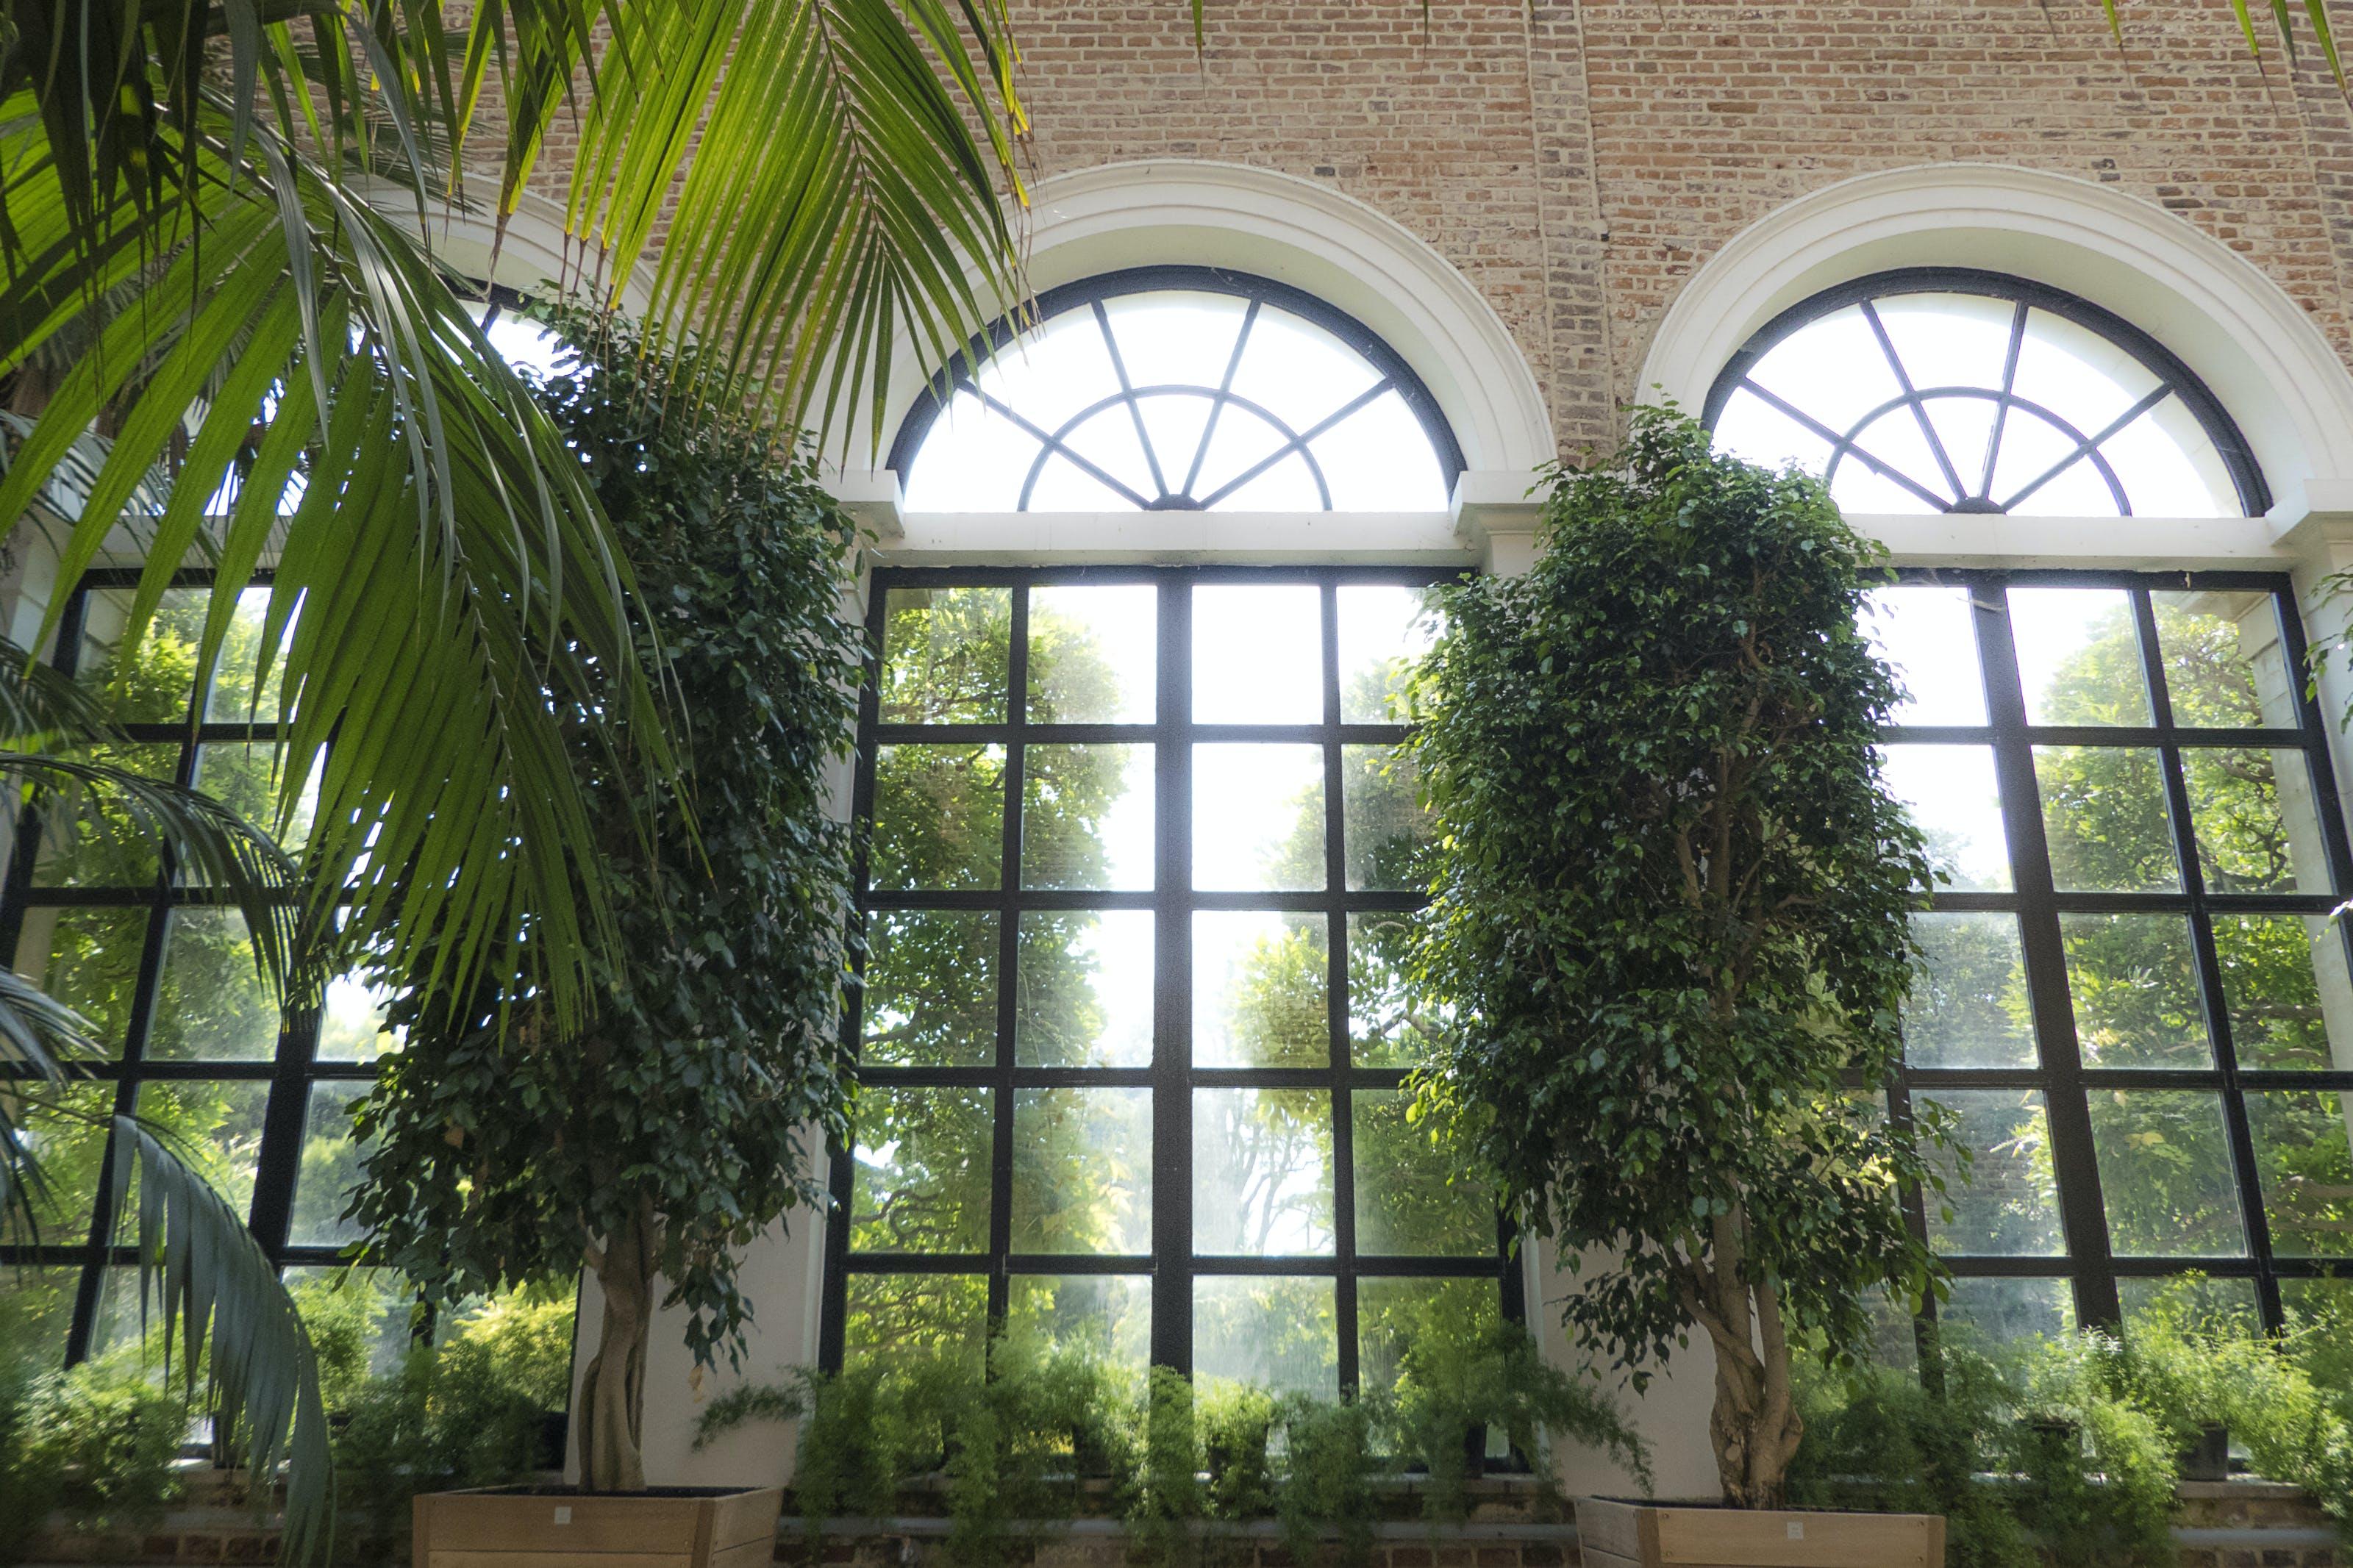 Kostenloses Stock Foto zu backstein, bogenfenster, dunkelgrüne pflanzen